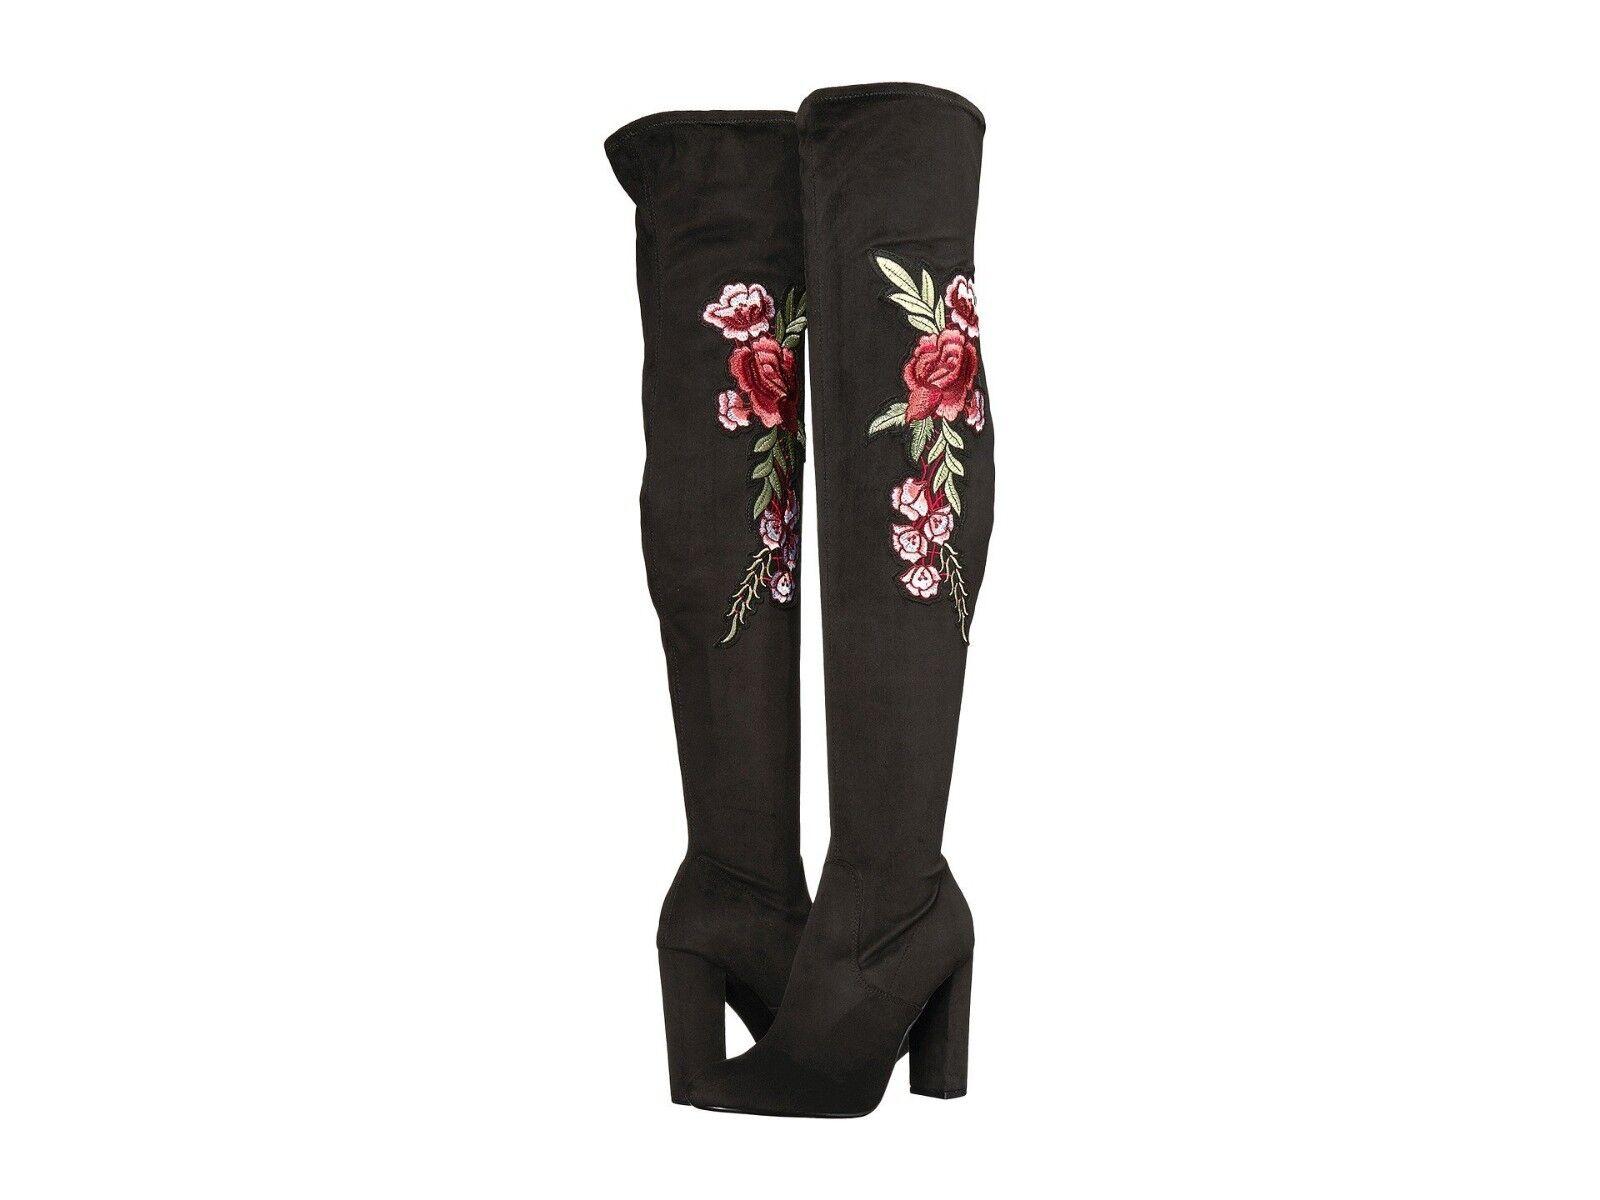 NEU Steve Madden Mozee Knee High Stiefel  Damens's boots   Größe 9